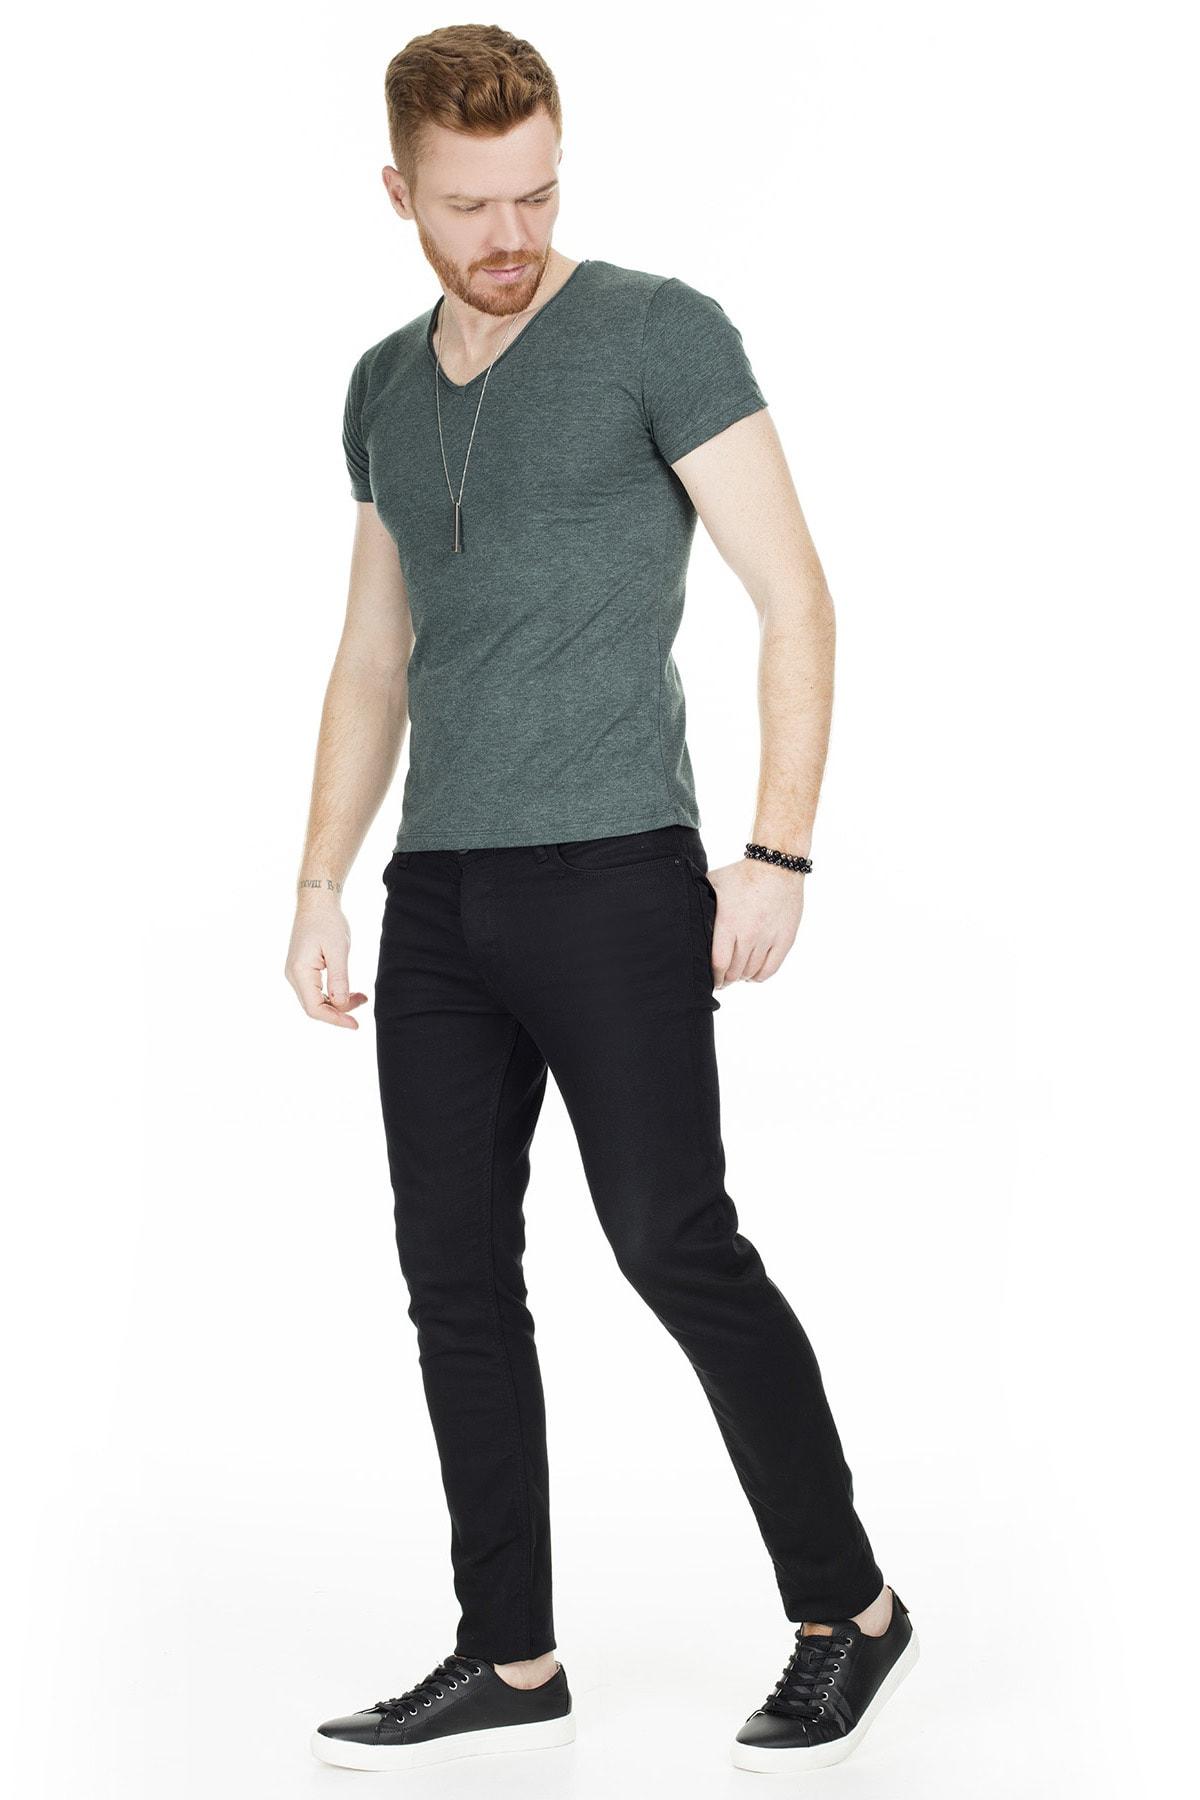 Buratti Erkek Yeşil V Yaka Pamuklu Basic T Shirt 54153 4